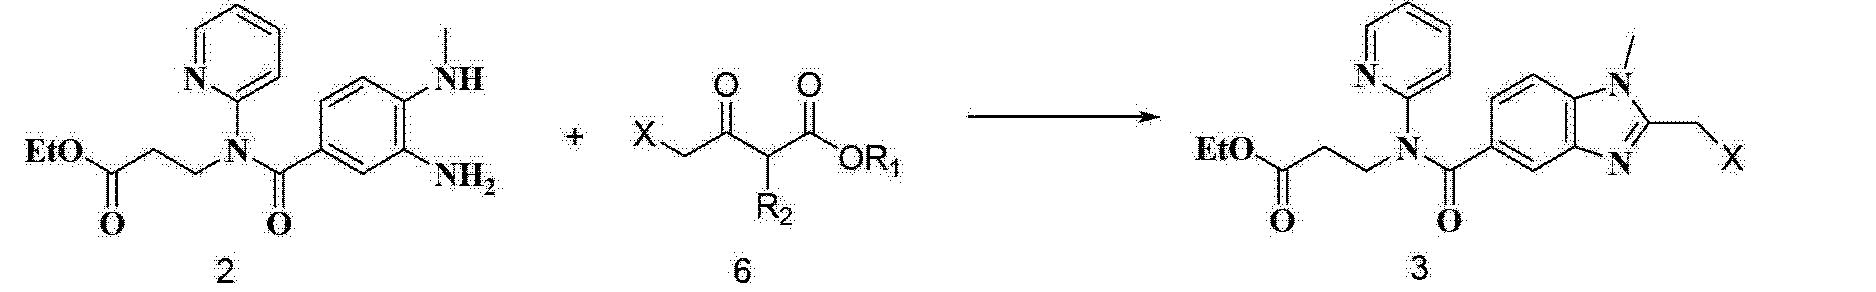 Figure CN102850325AC00021